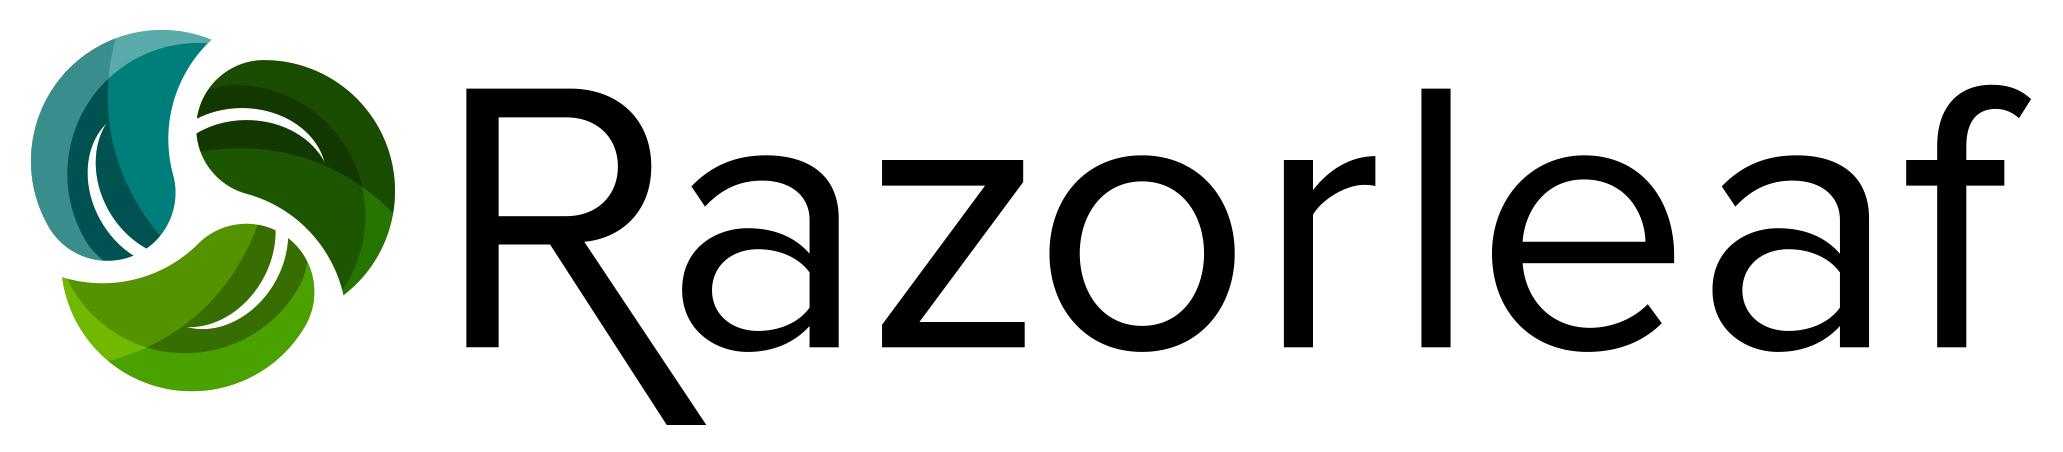 Razorleaf - DriveWorks Partner